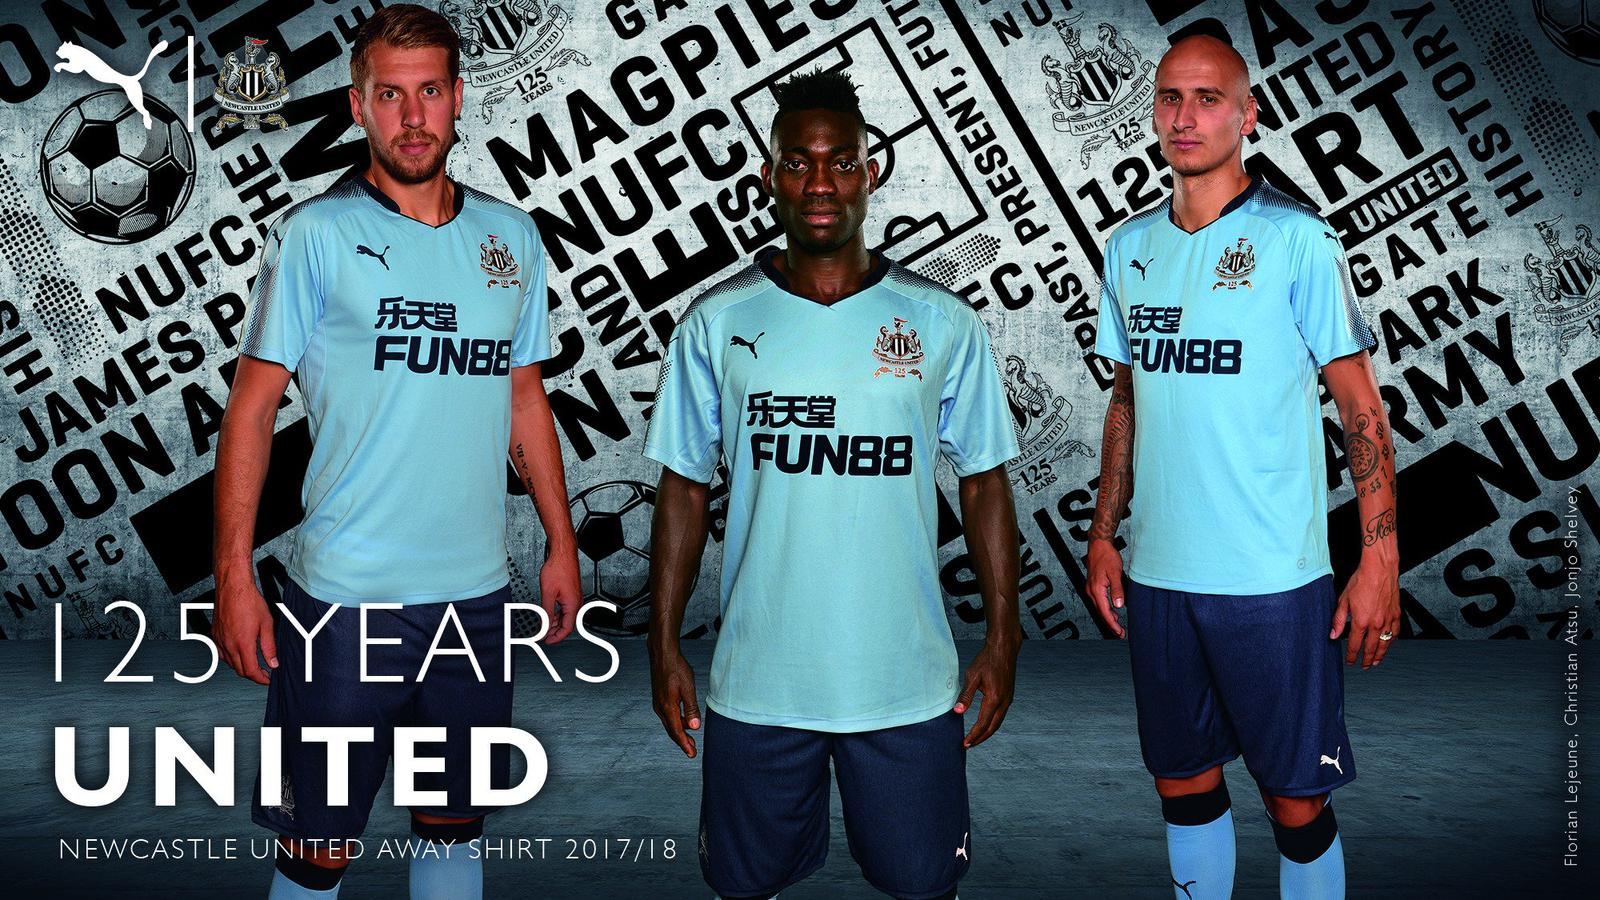 Newcastle United: Newcastle United 17-18 Away Kit Revealed